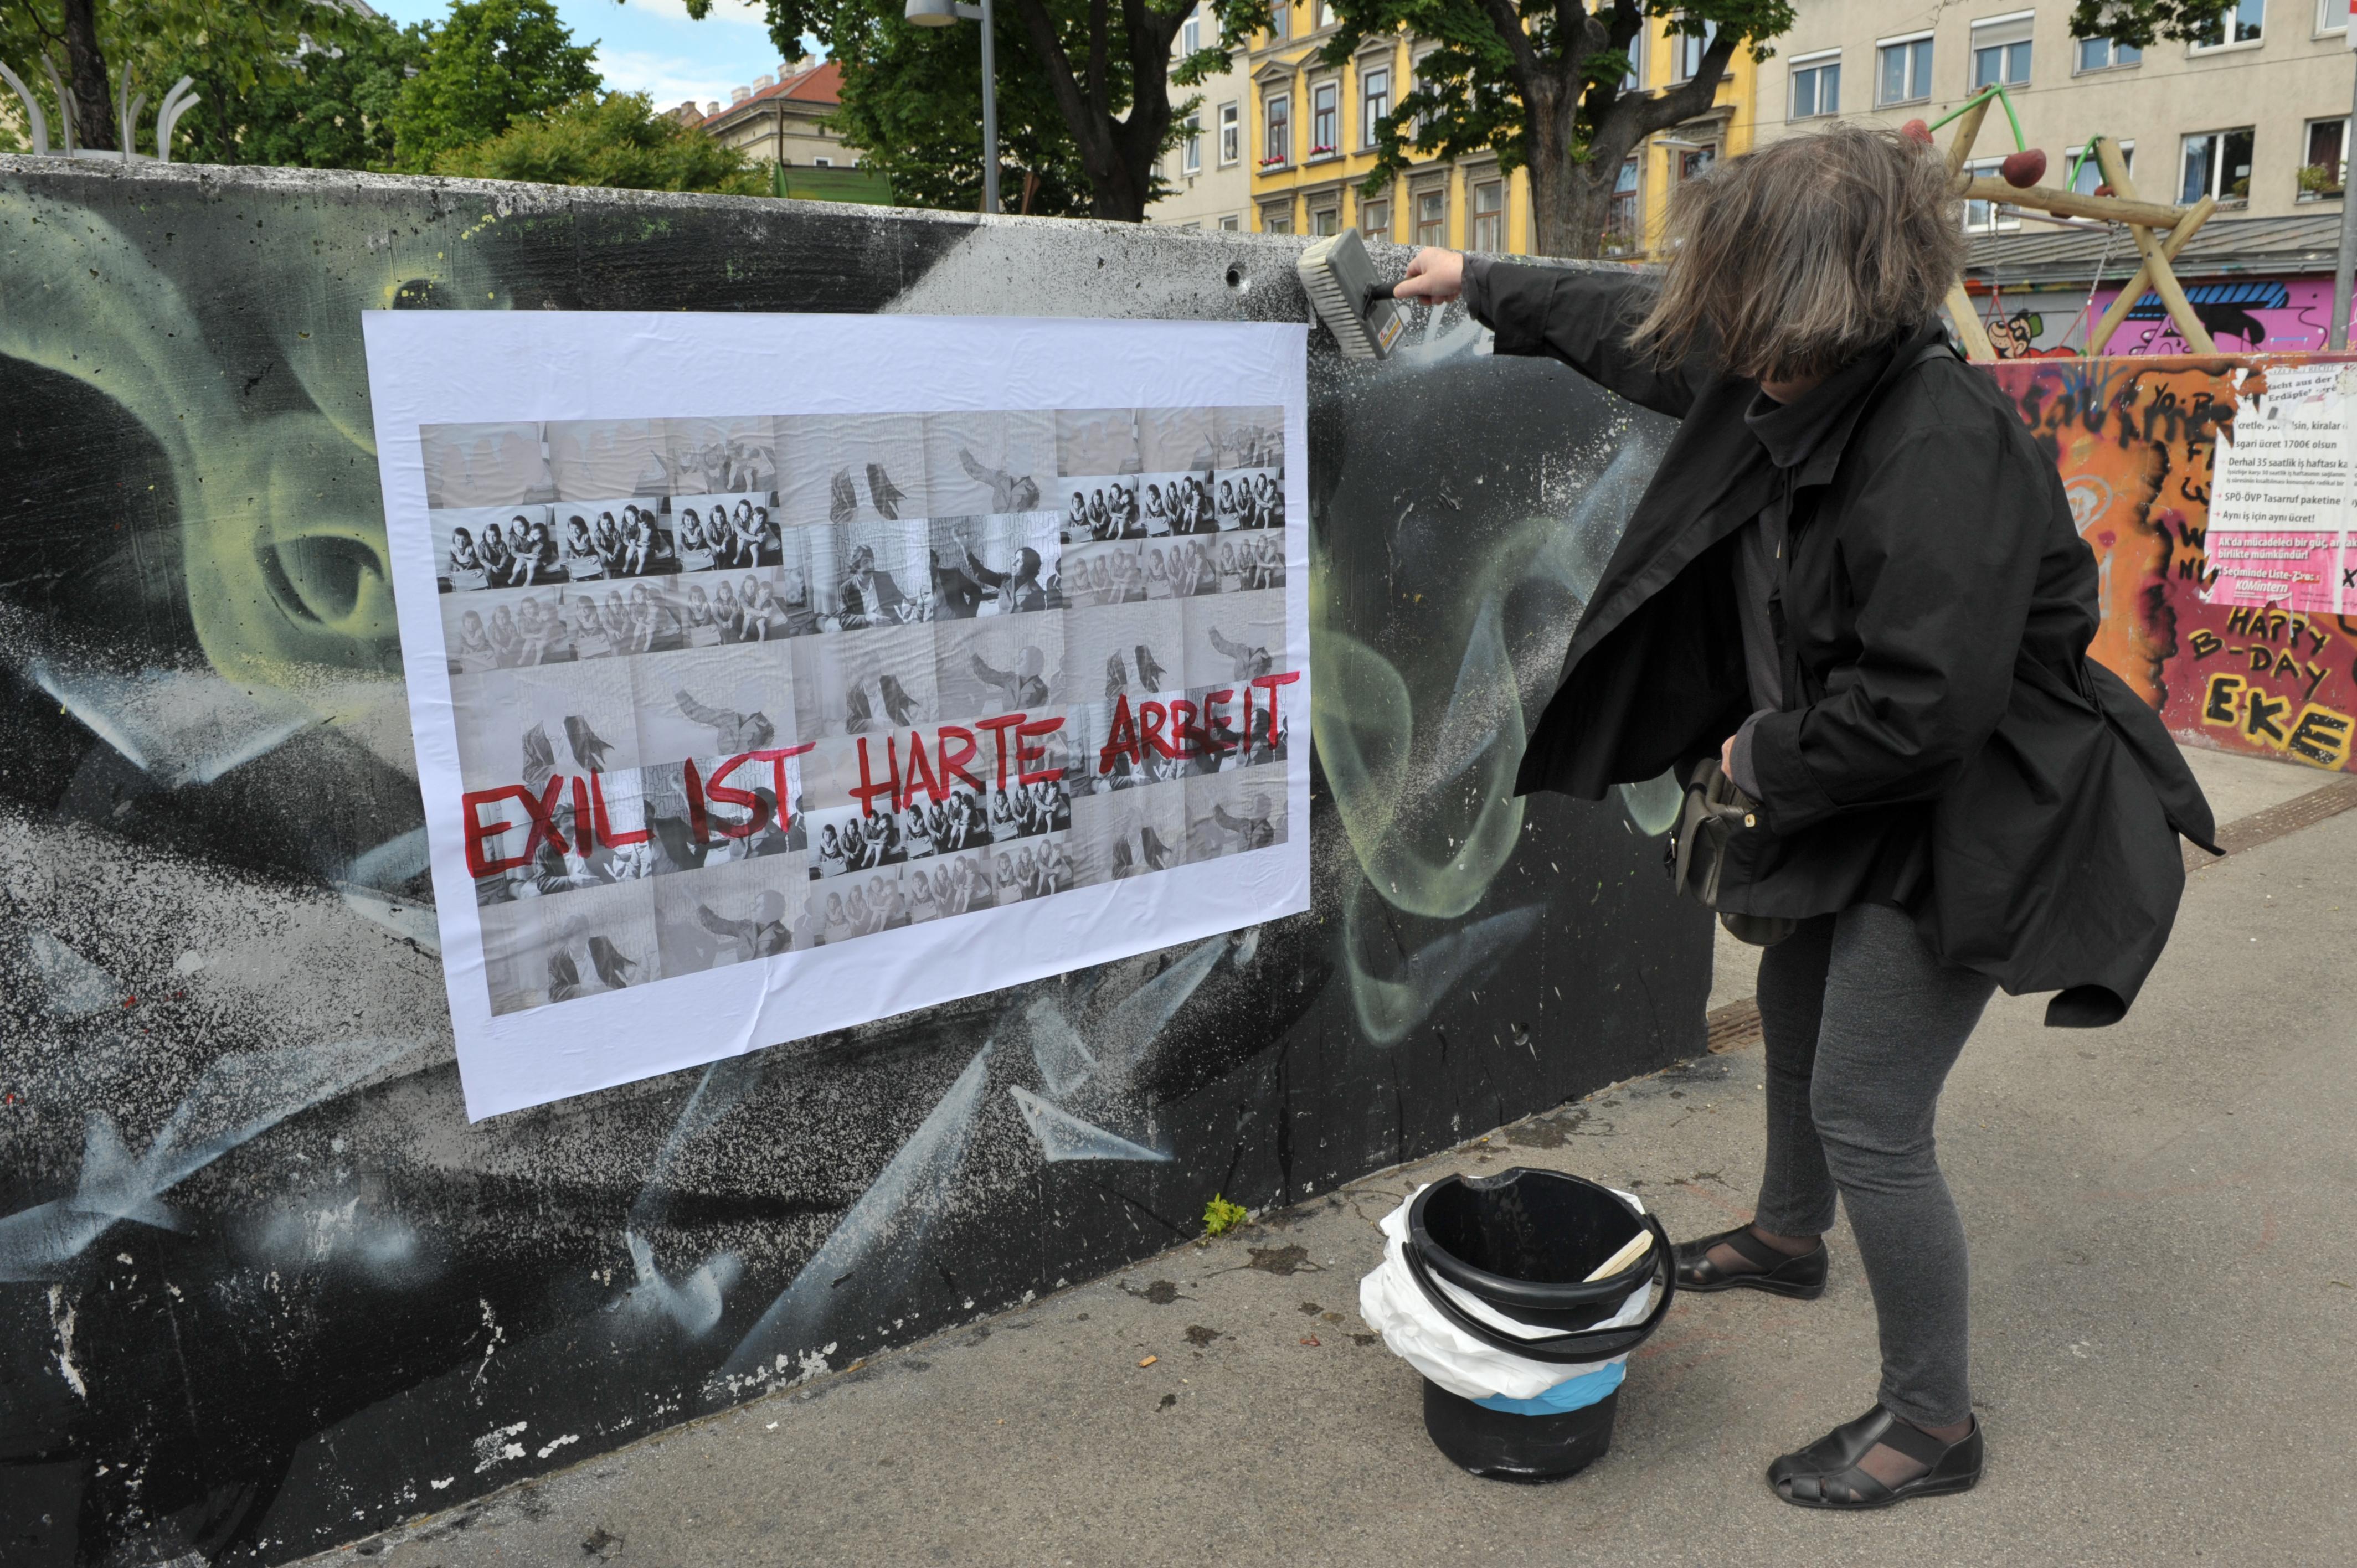 © Nil Yalter beim Plakatieren im öffentlichen Raum, EXIL IST HARTE ARBEIT, 2014, Plakataktion in Wien